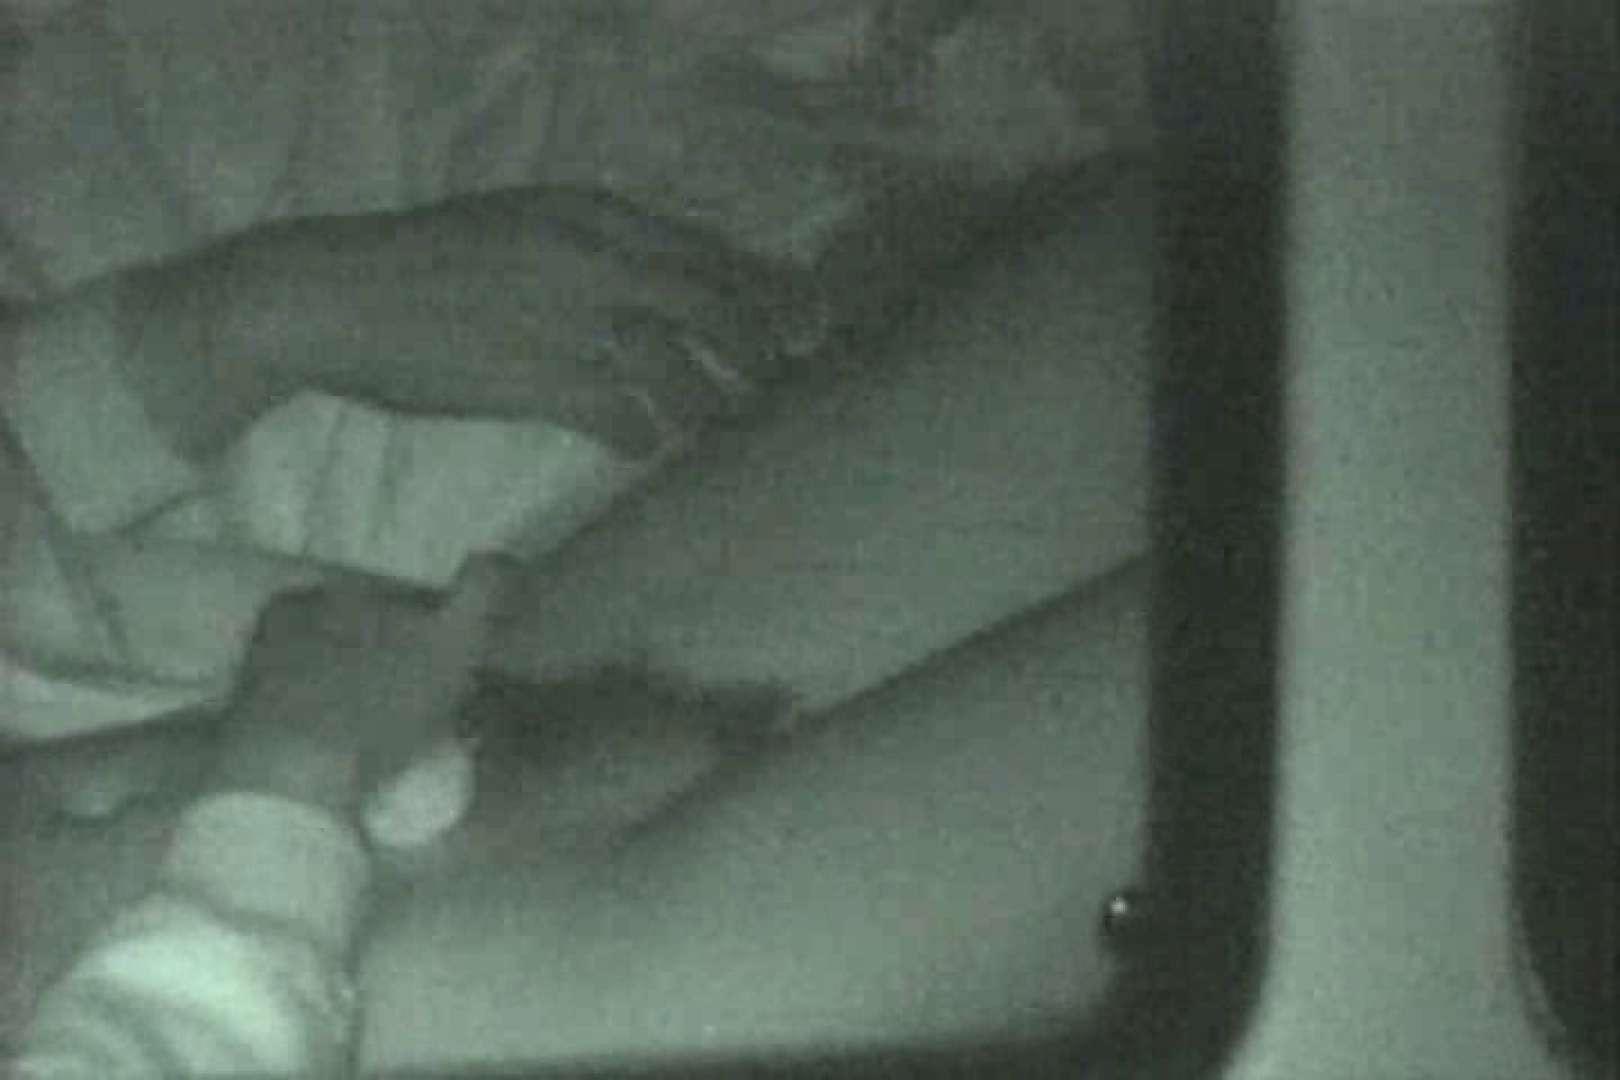 蔵出し!!赤外線カーセックスVol.9 ホテル エロ画像 87PIX 21